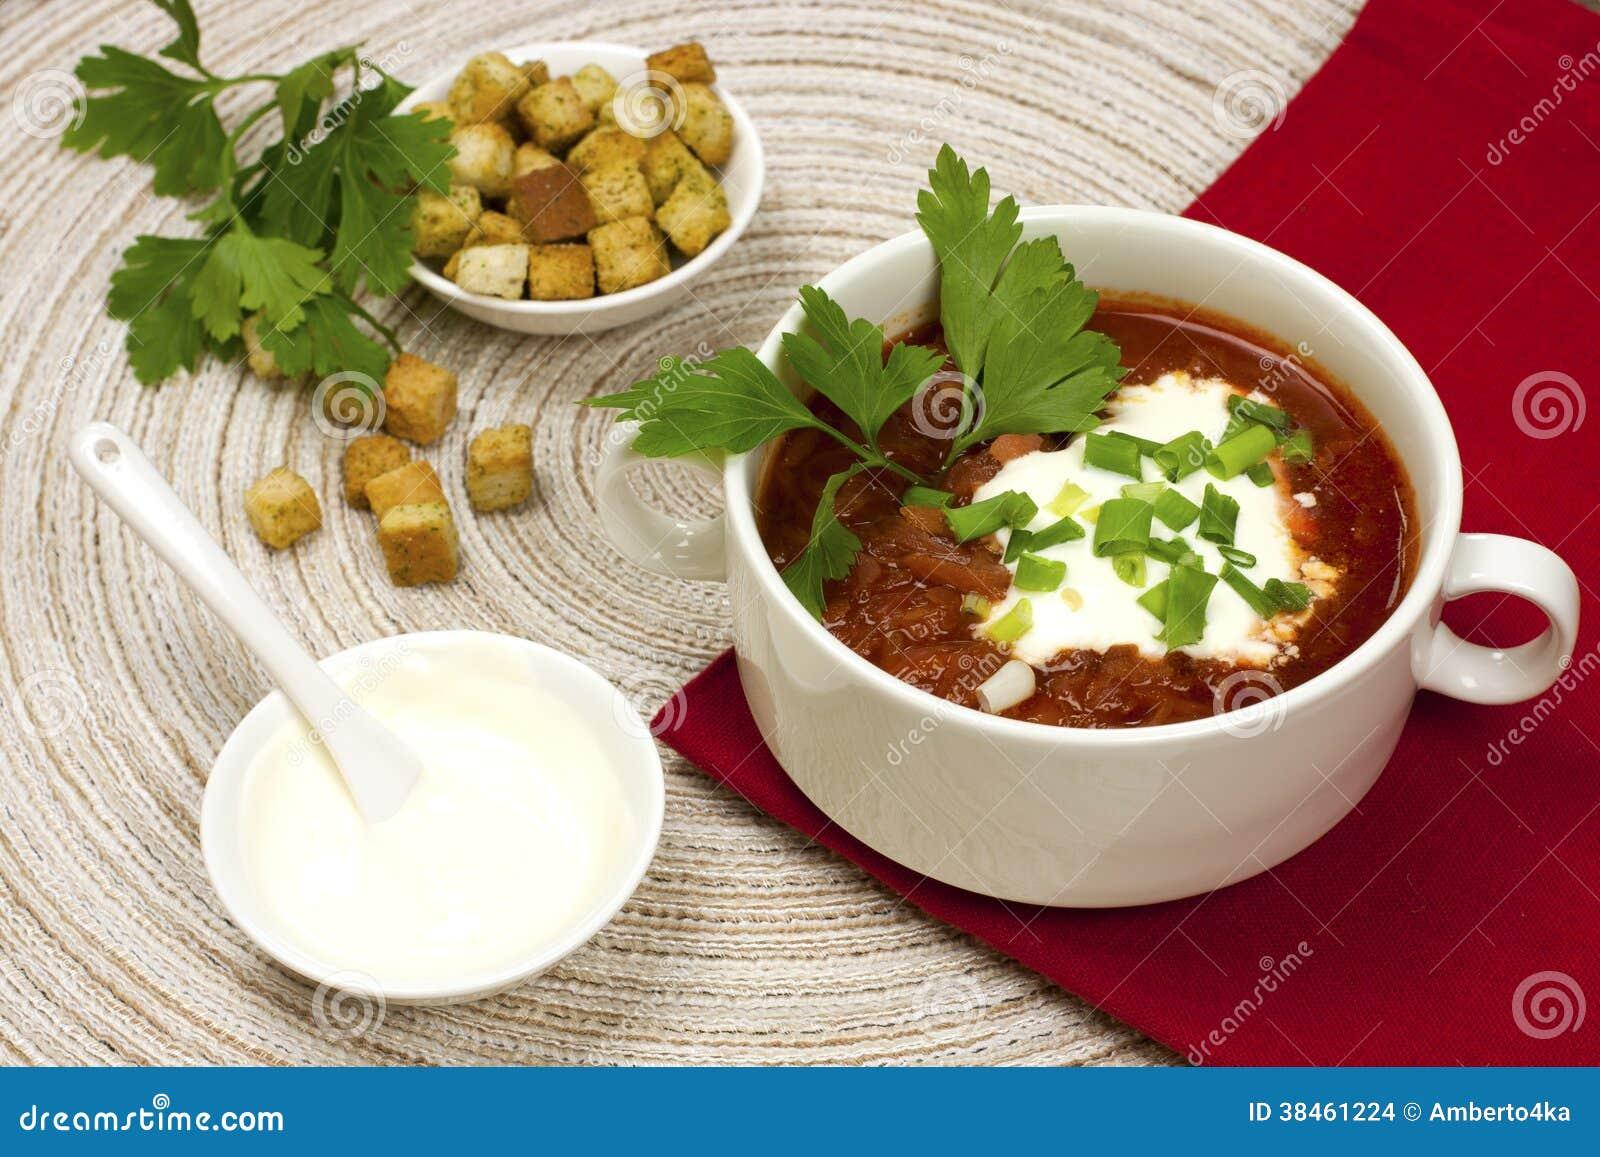 borscht, mangoldsuppe, russische küche stockbilder - bild: 38461224